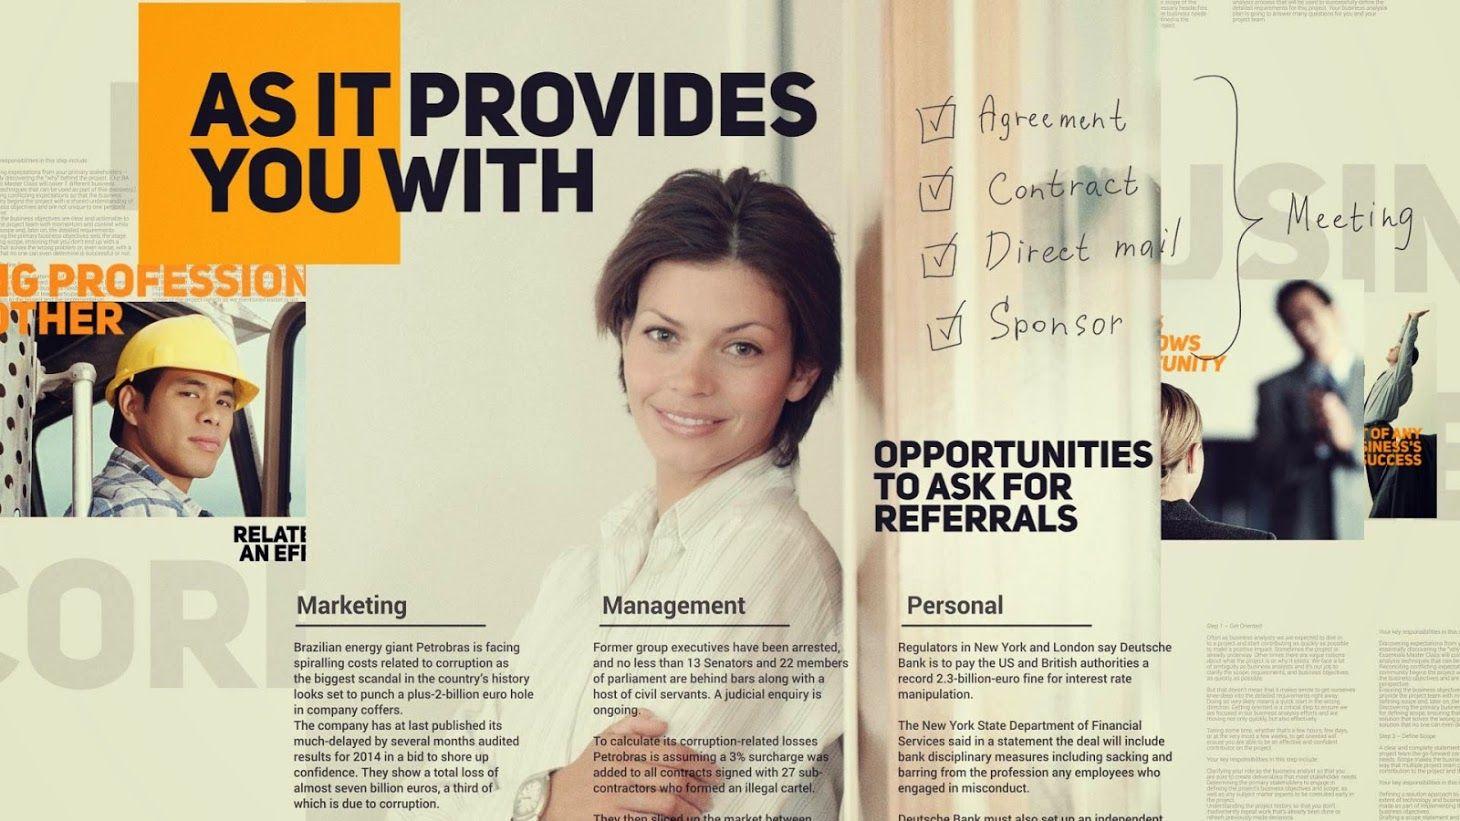 دانلود رایگان Business Promotion پرومو تیزر تبلیغاتی کسب و کار